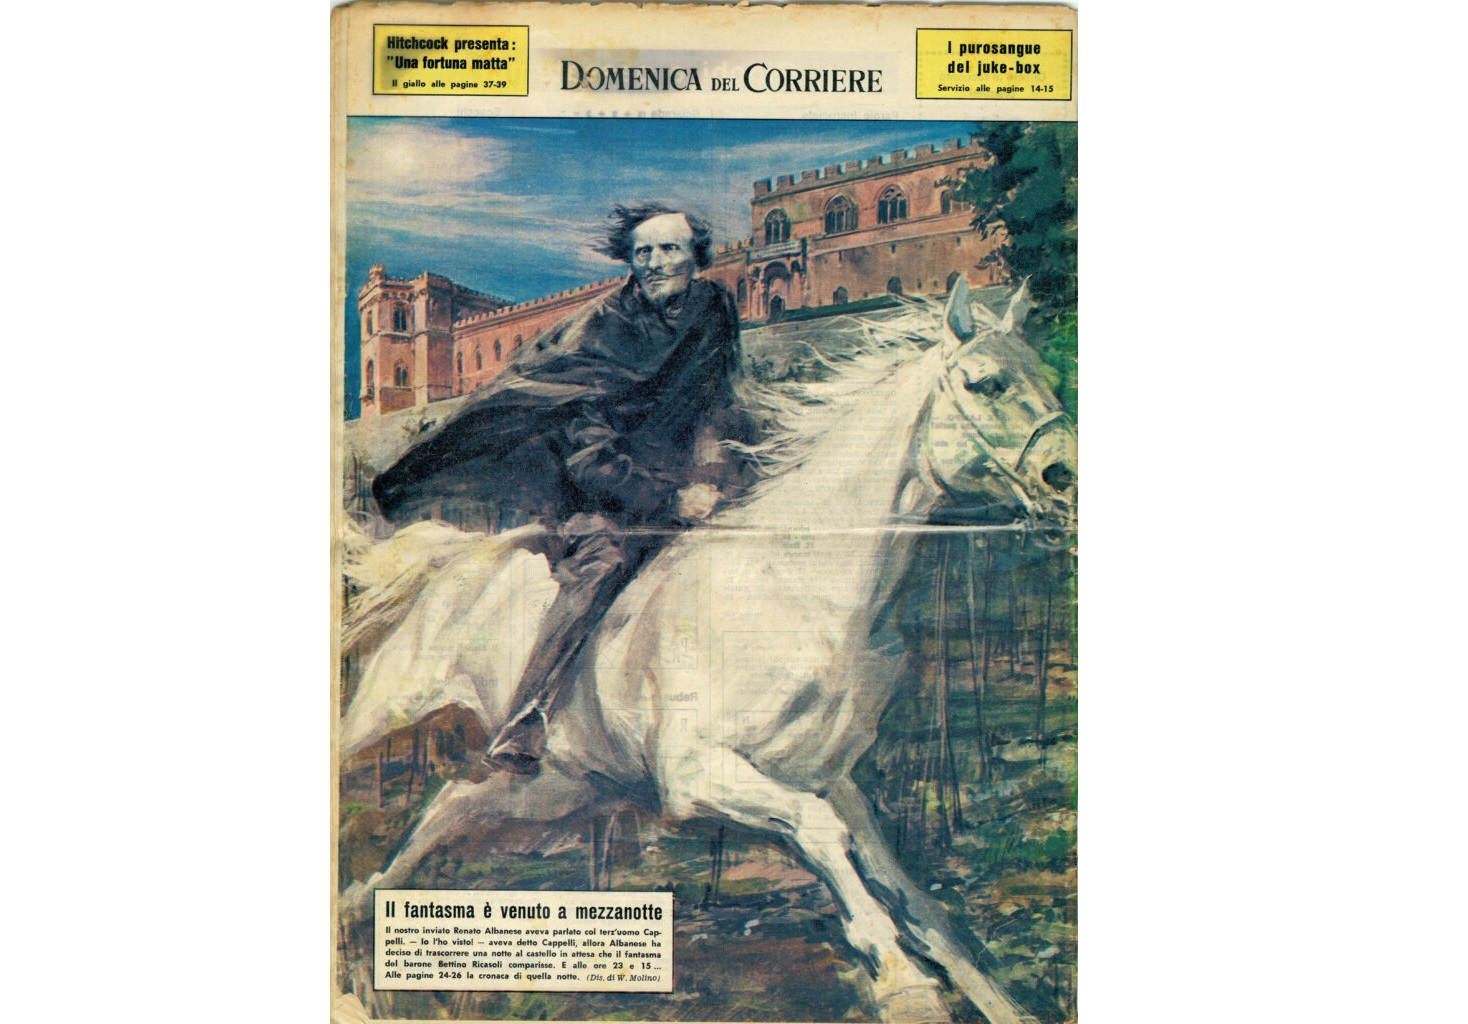 Domenica-del-Corriere-1964-a-1-748x1024-1